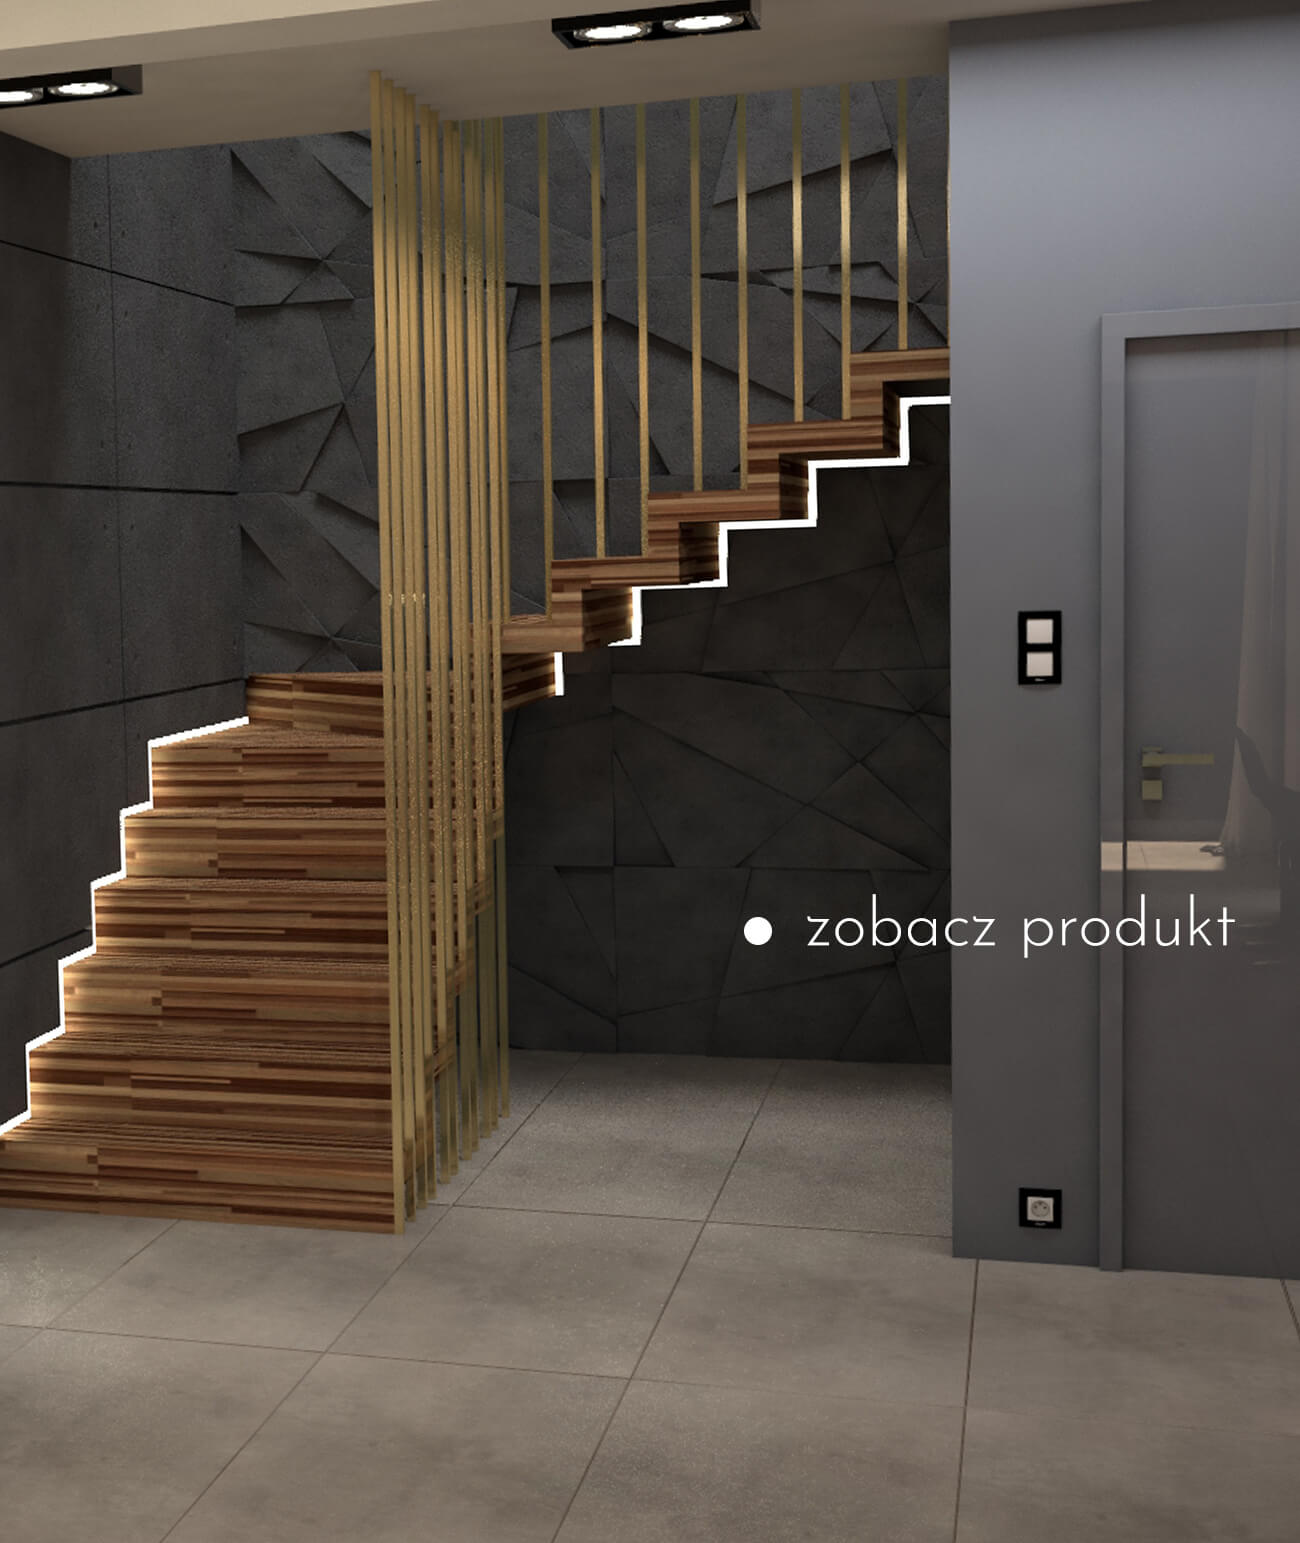 panele-betonowe-3d-scienne-i-elewacyjne-beton-architektoniczny_328-1768-pb05-b15-czarny-krysztal---panel-dekor-3d-beton-architektoniczny-panel-scienny